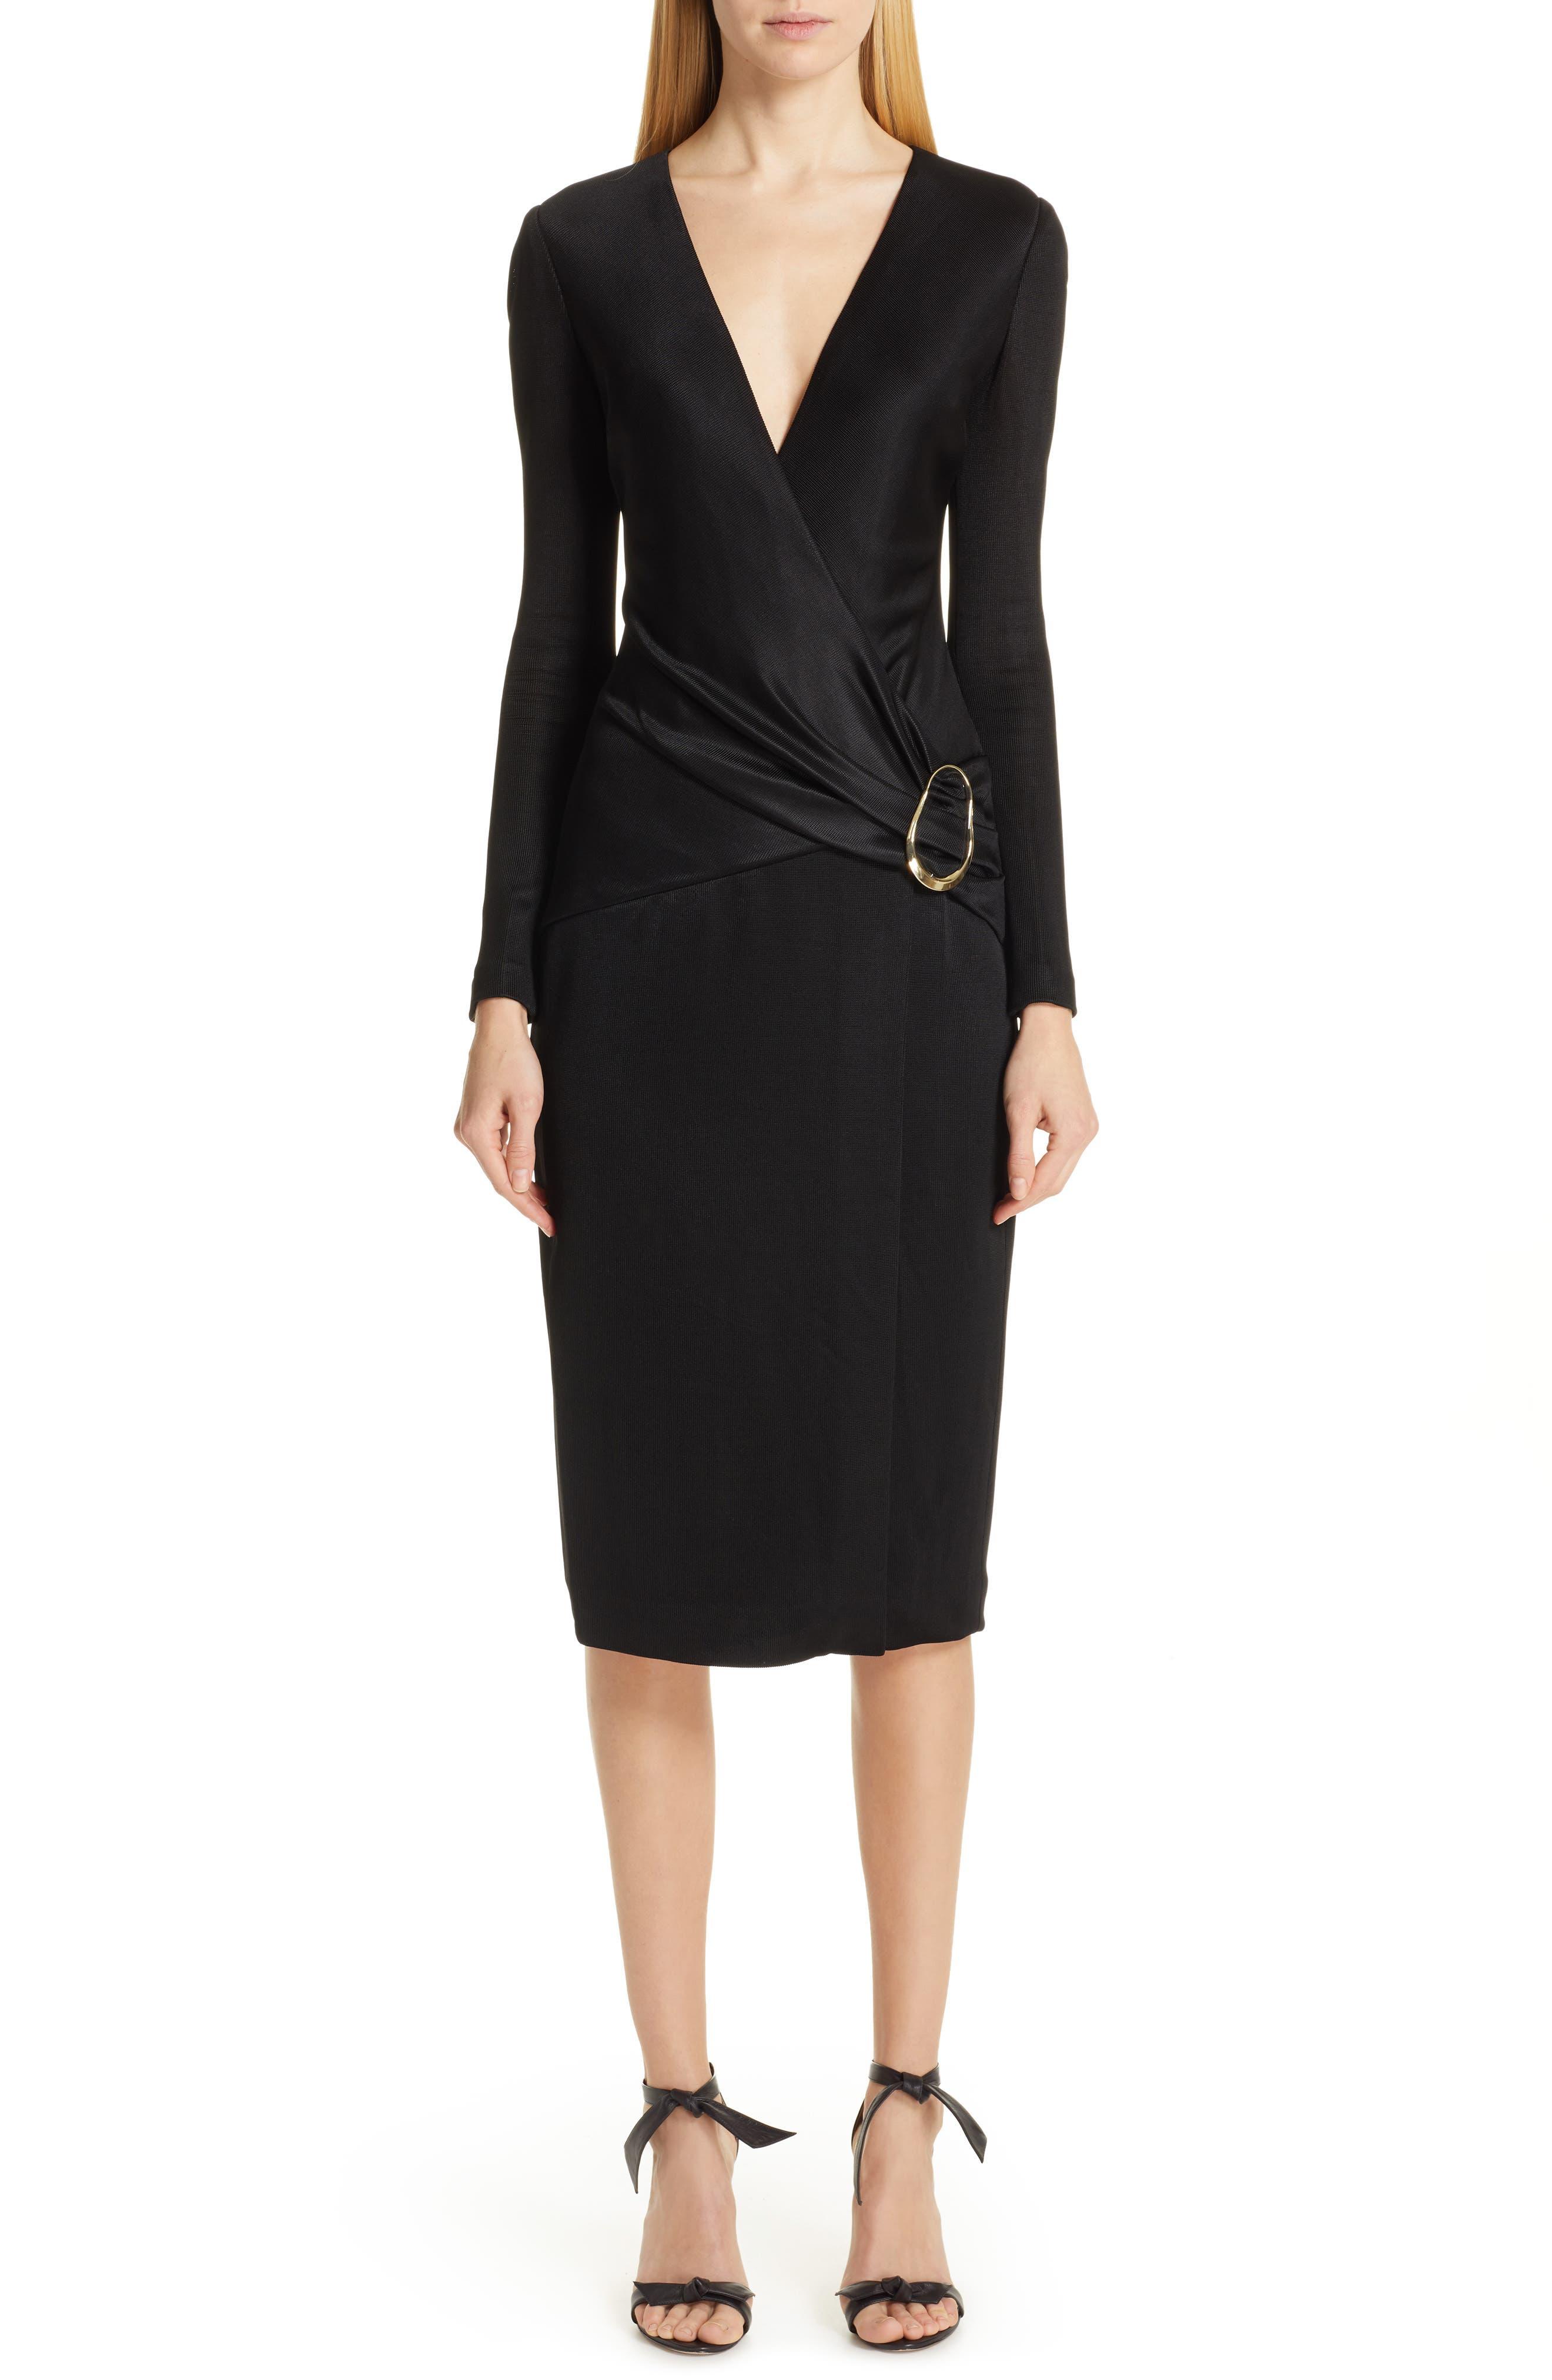 CUSHNIE Sahara Pencil Dress, Main, color, BLACK